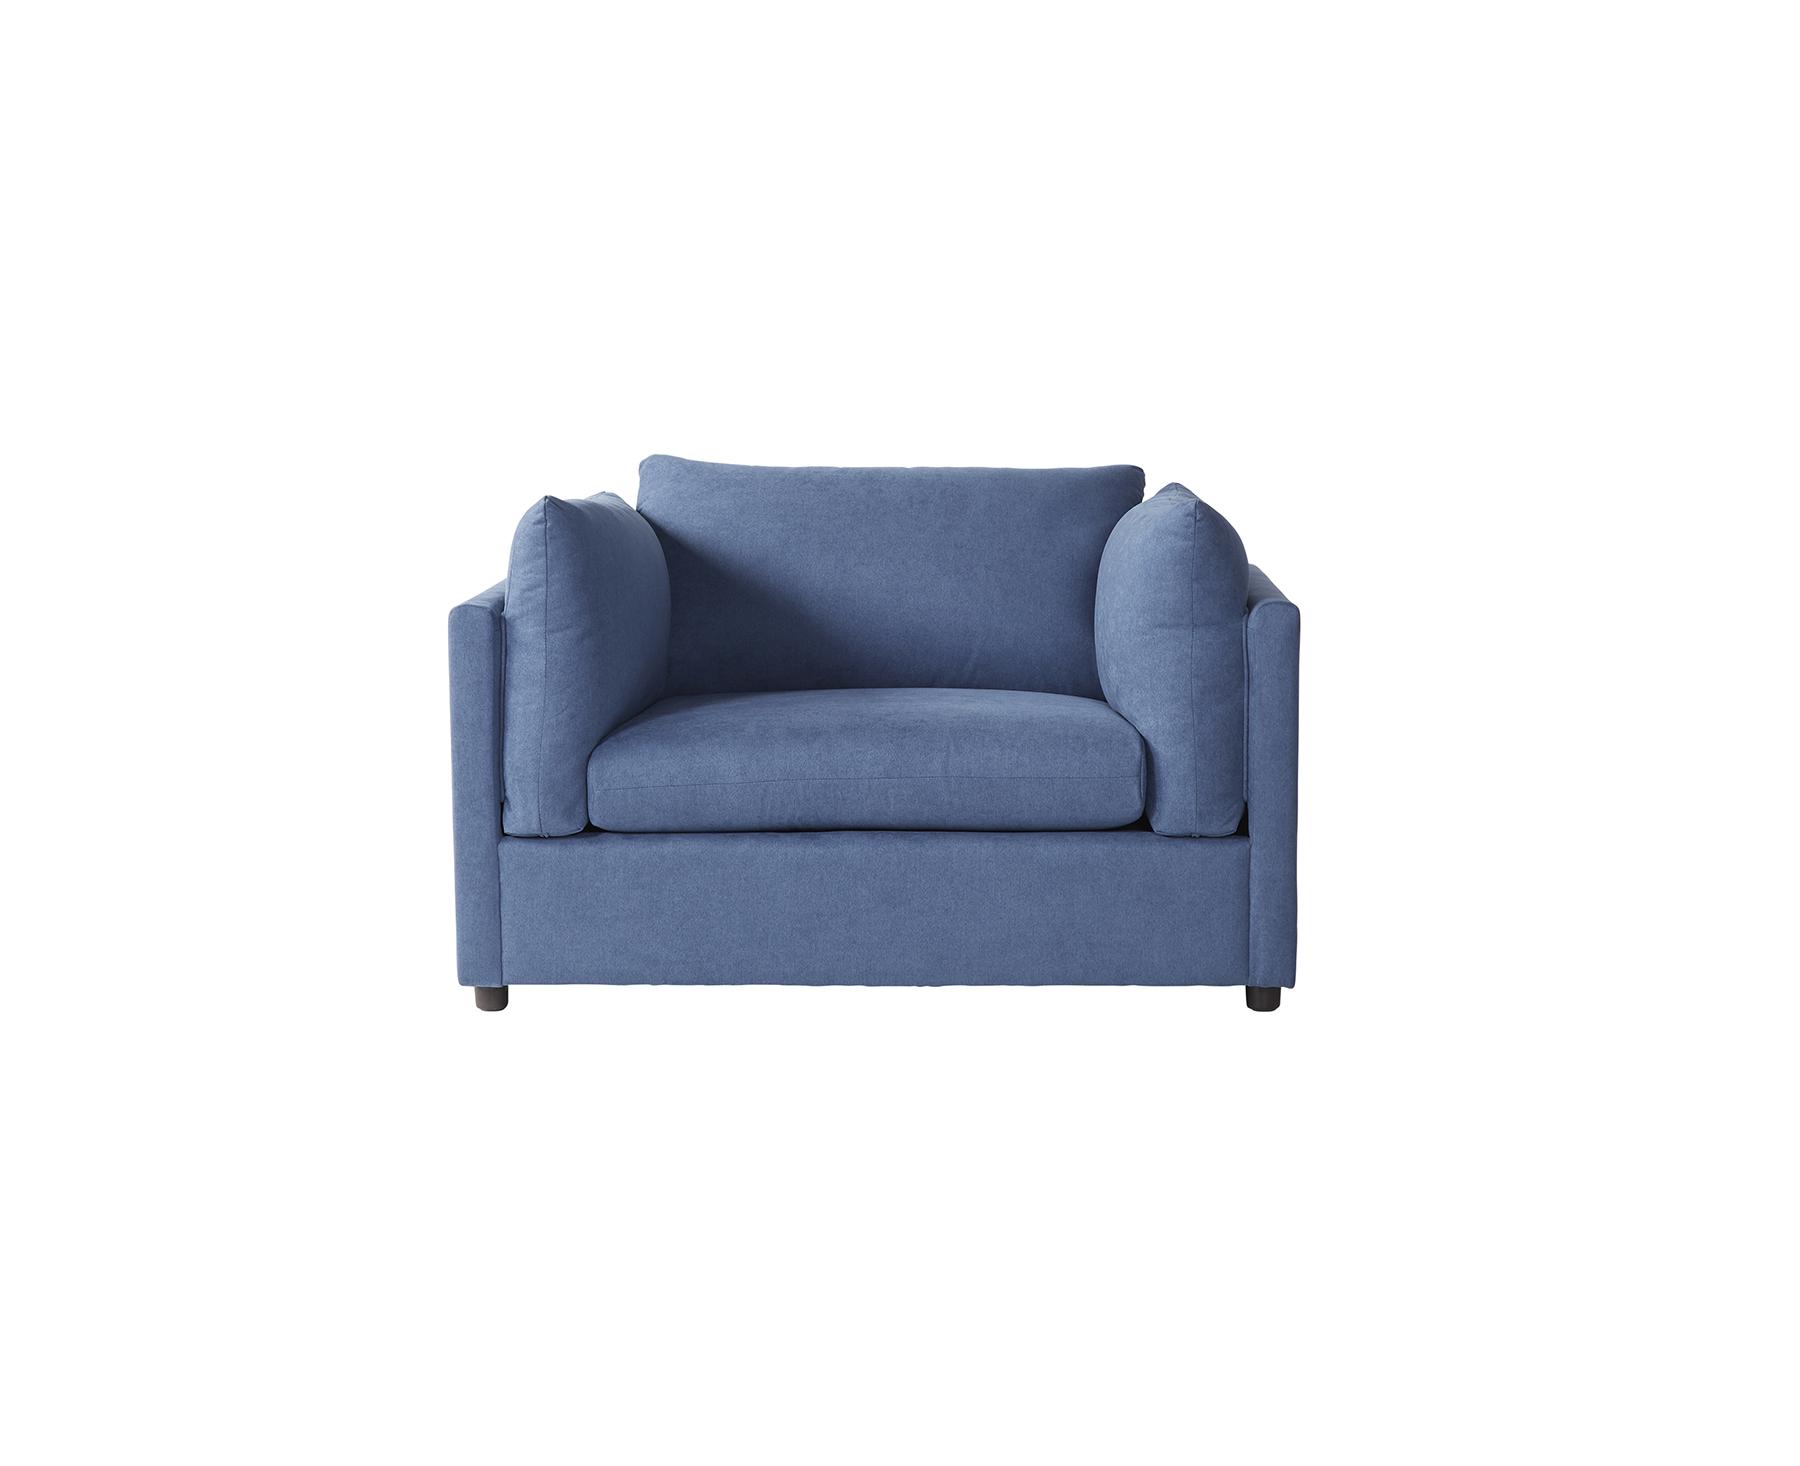 18200 Cuddle Chair